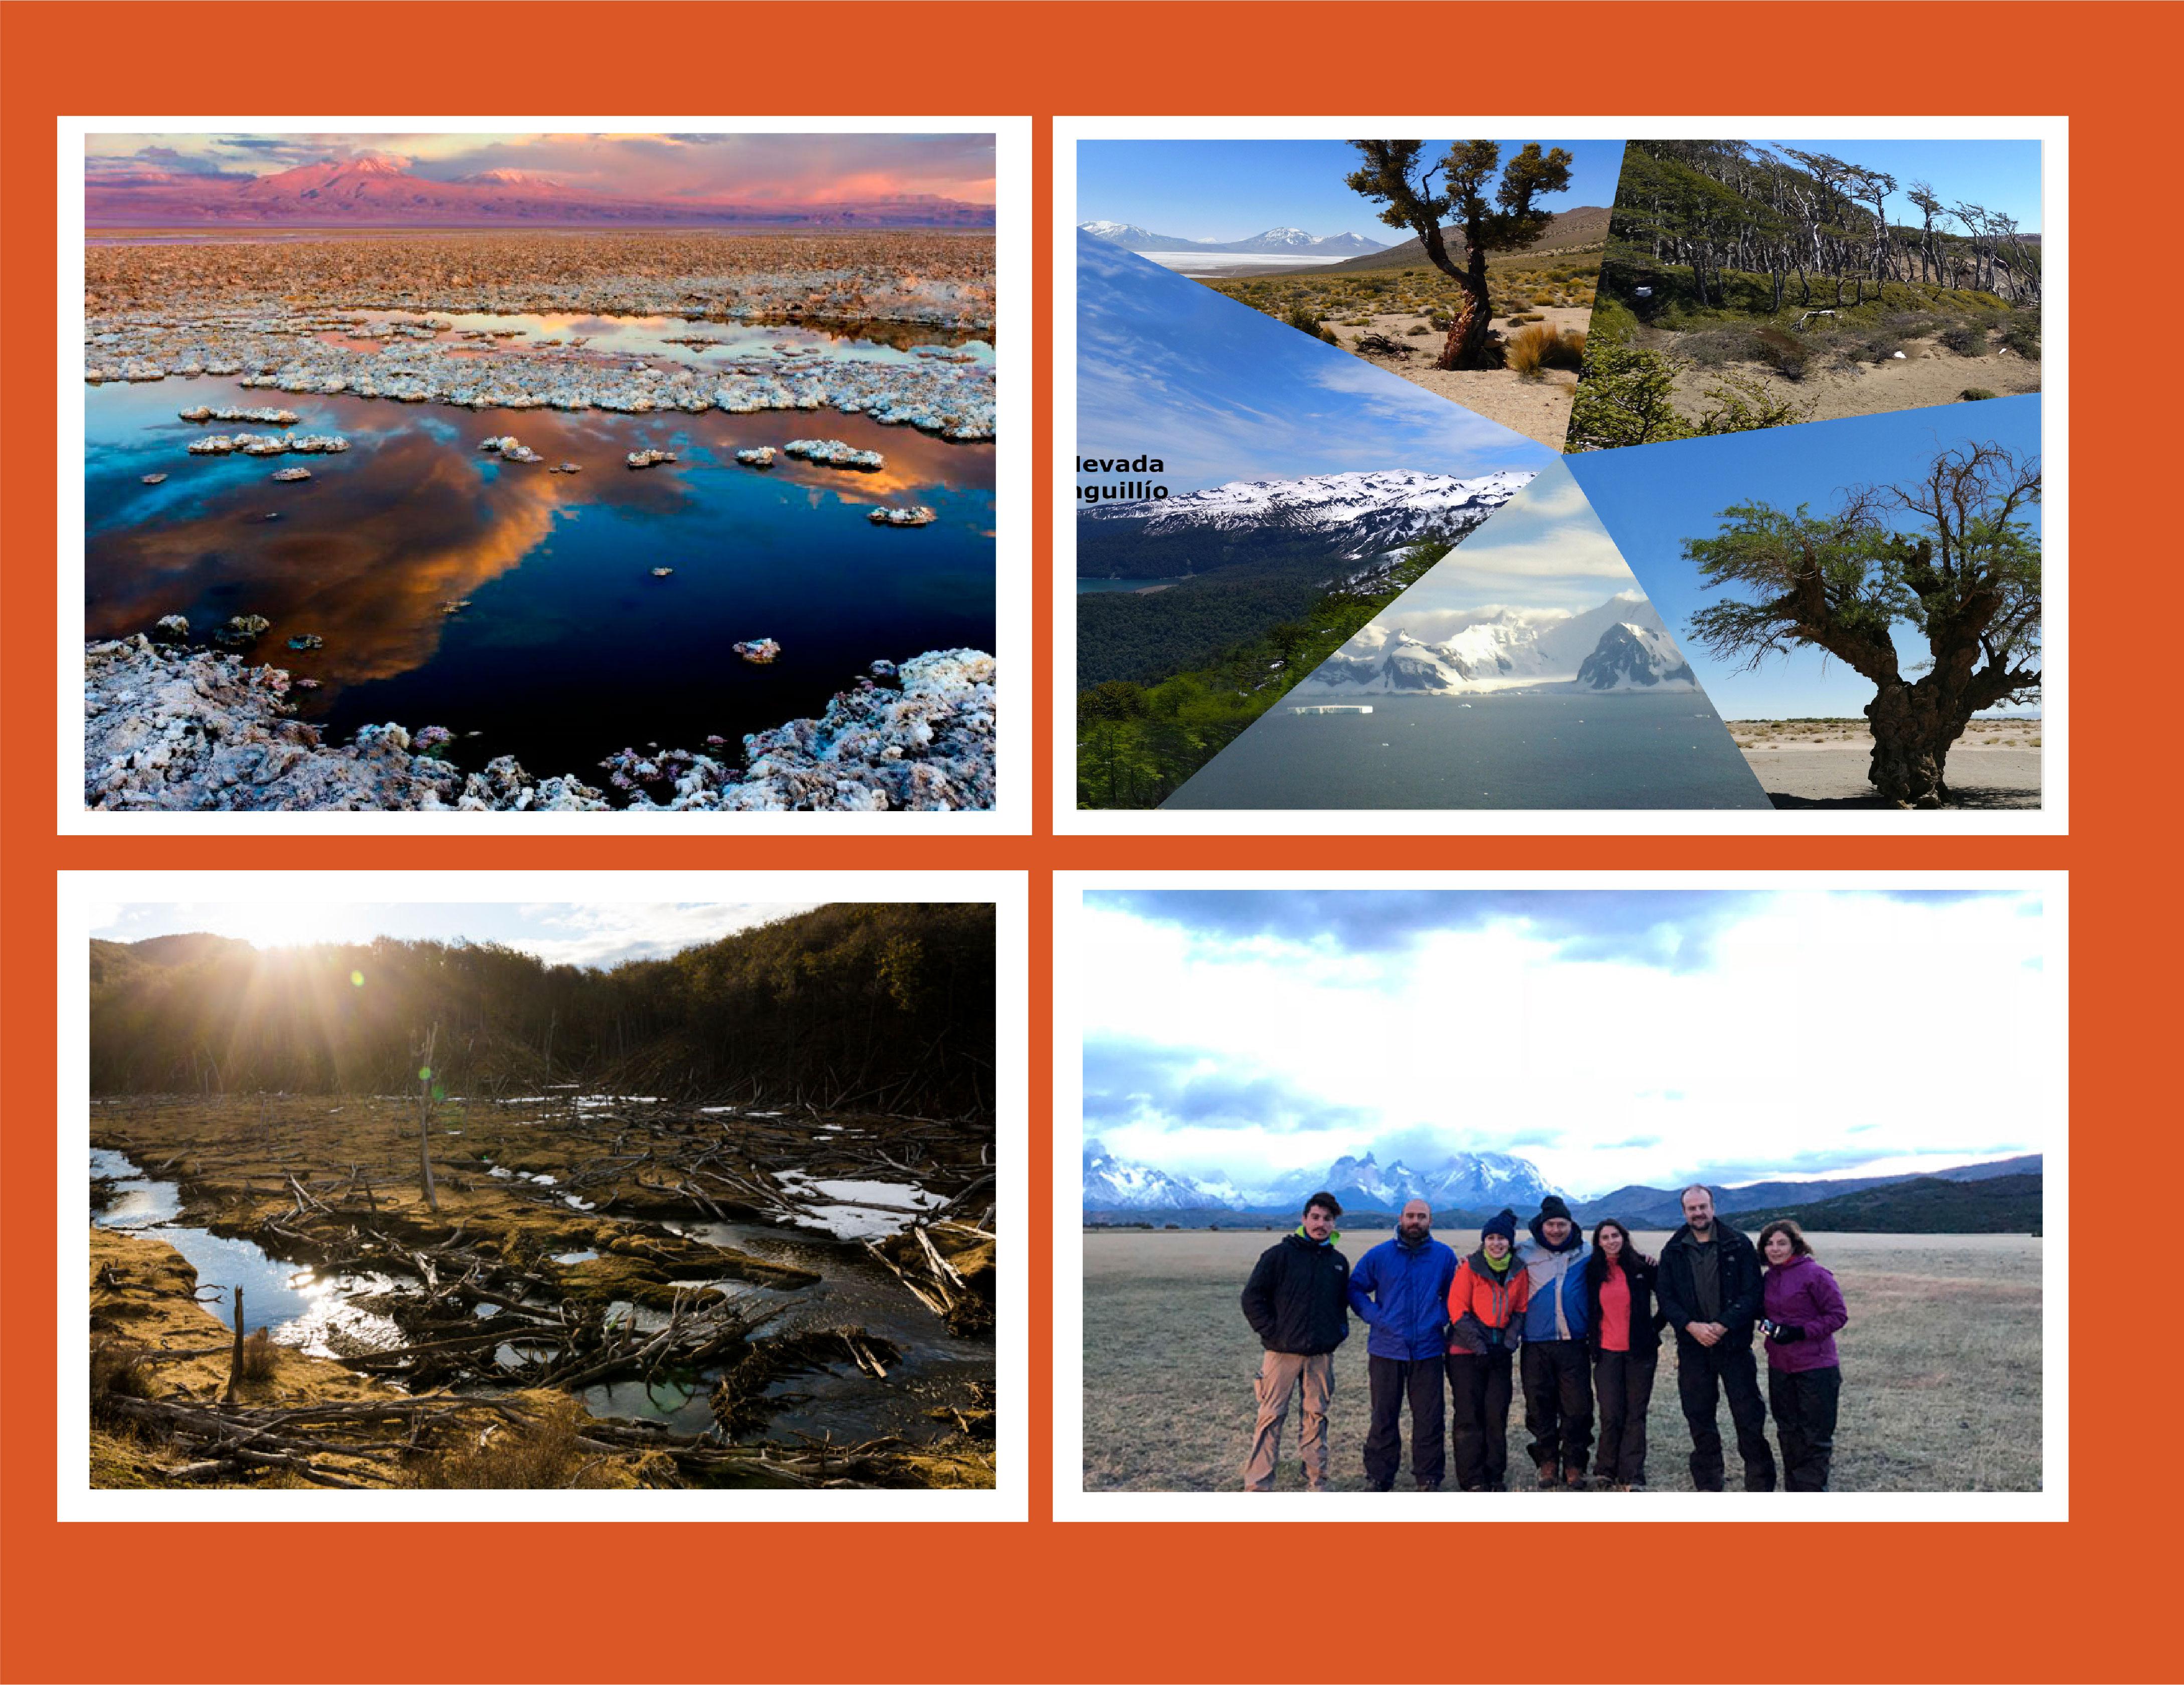 Universidades de Magallanes, La Frontera y de Antofagasta proyectan crecimiento de Red de Investigación en Ambientes Extremos NEXER